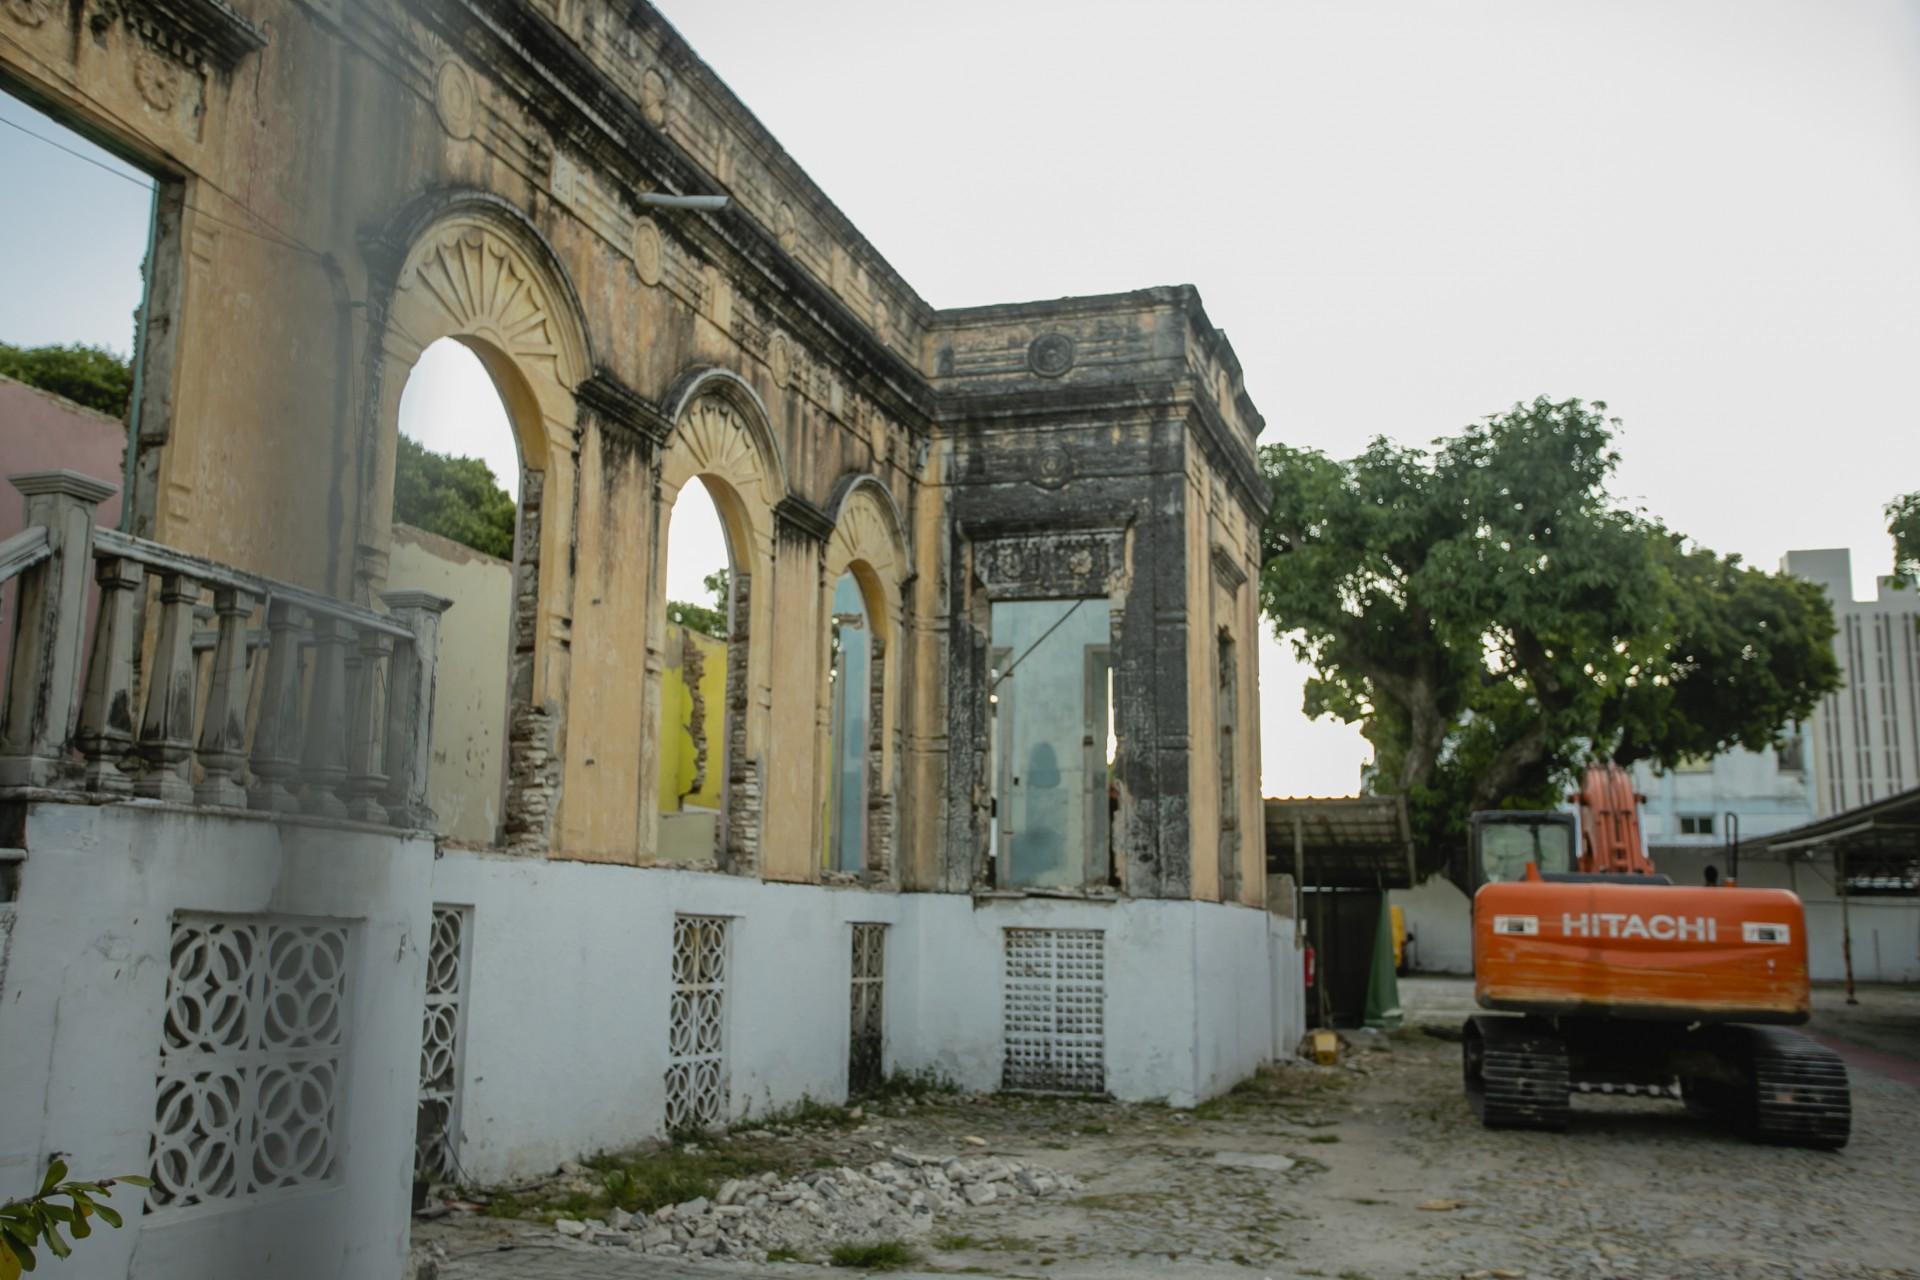 (Foto: Aurelio Alves)Demolição do Casarão dos Gondim, que estava em processo de tombamento. Foto tirada neste sábado, 17 de julho